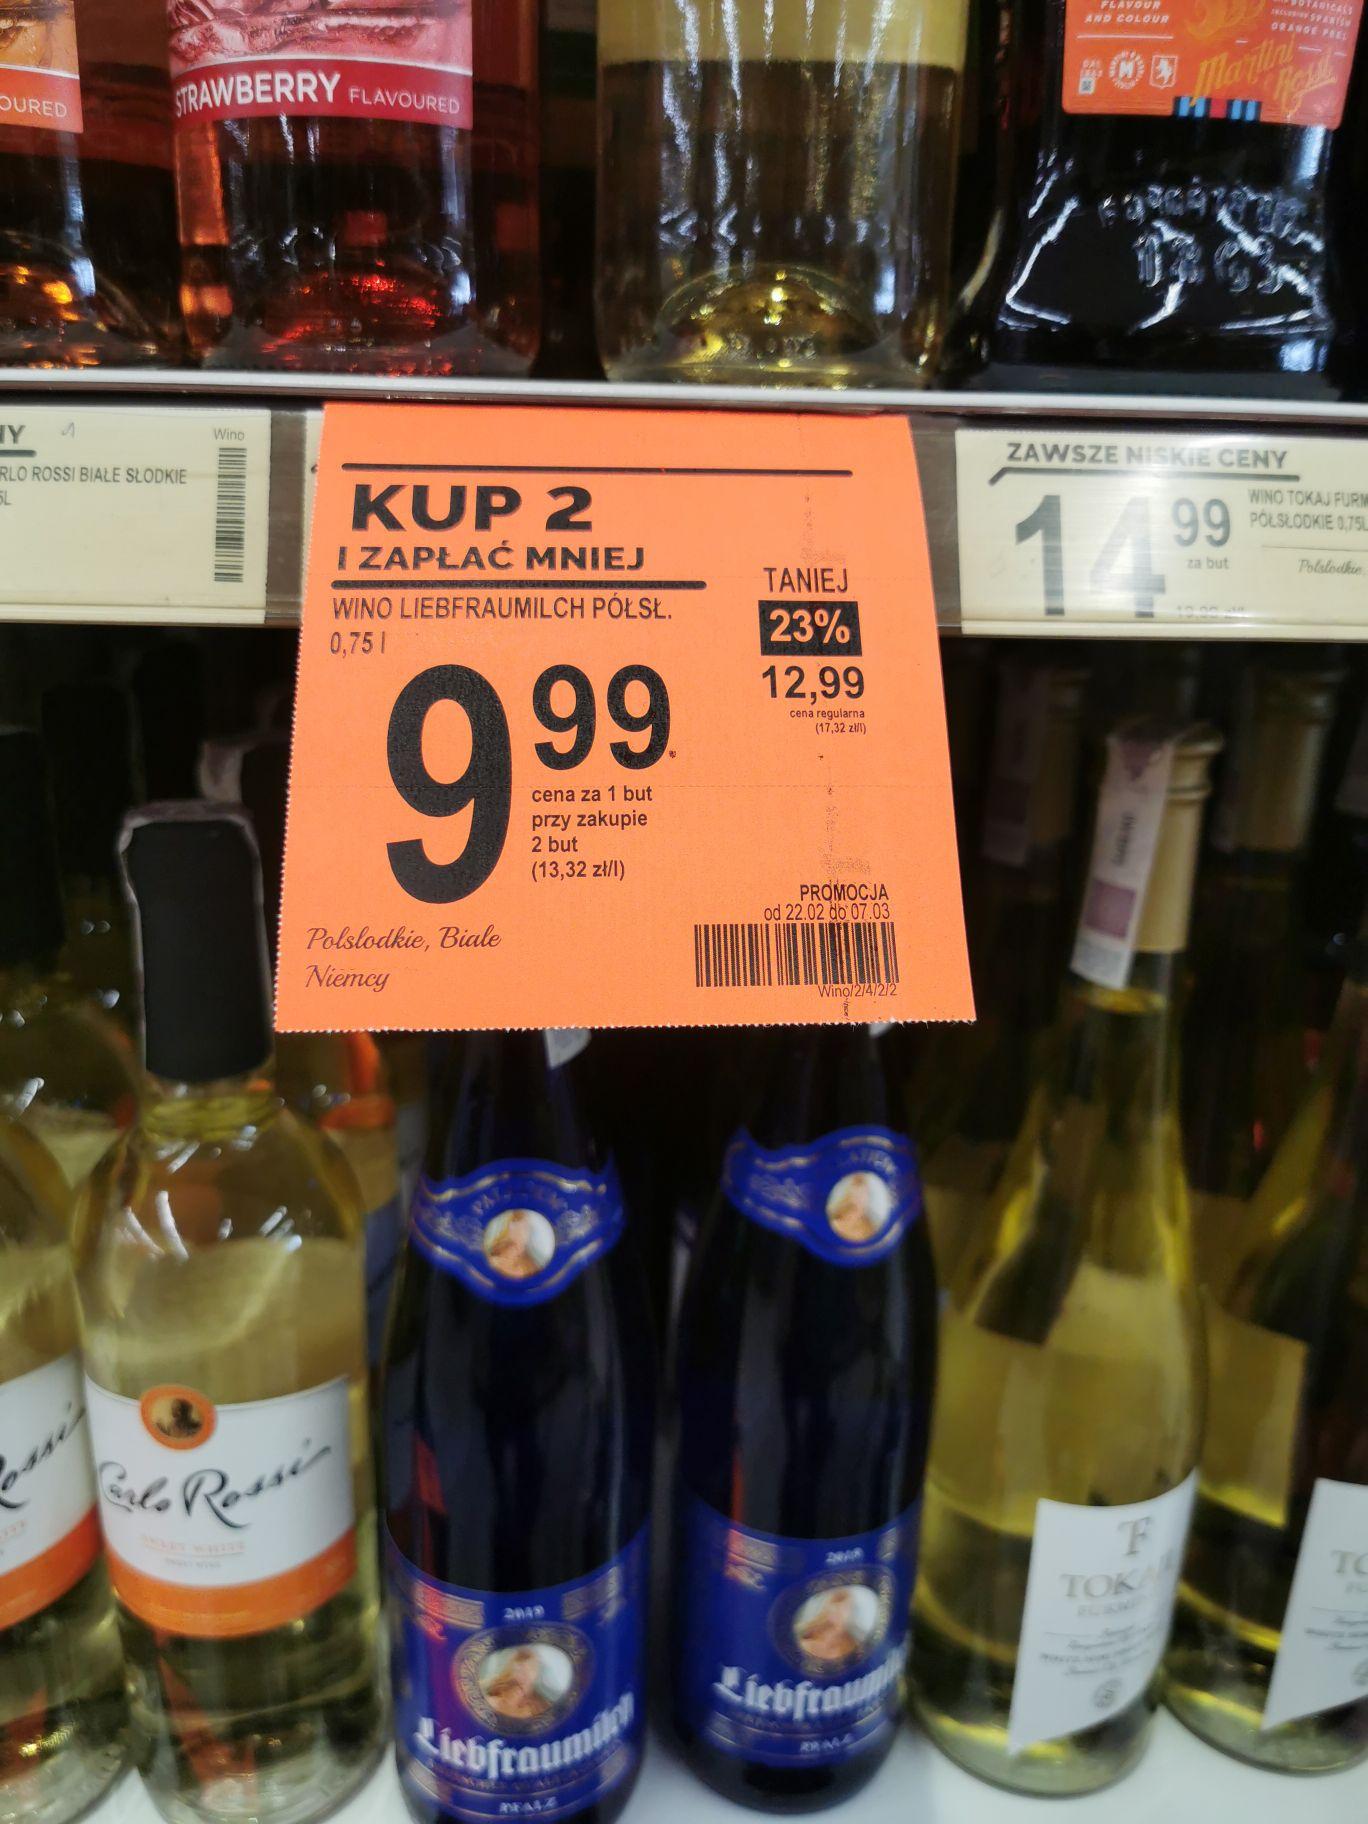 Wino białe półsłodkie 0,75L Liebfraumilch - Biedronka przy zakupie 2